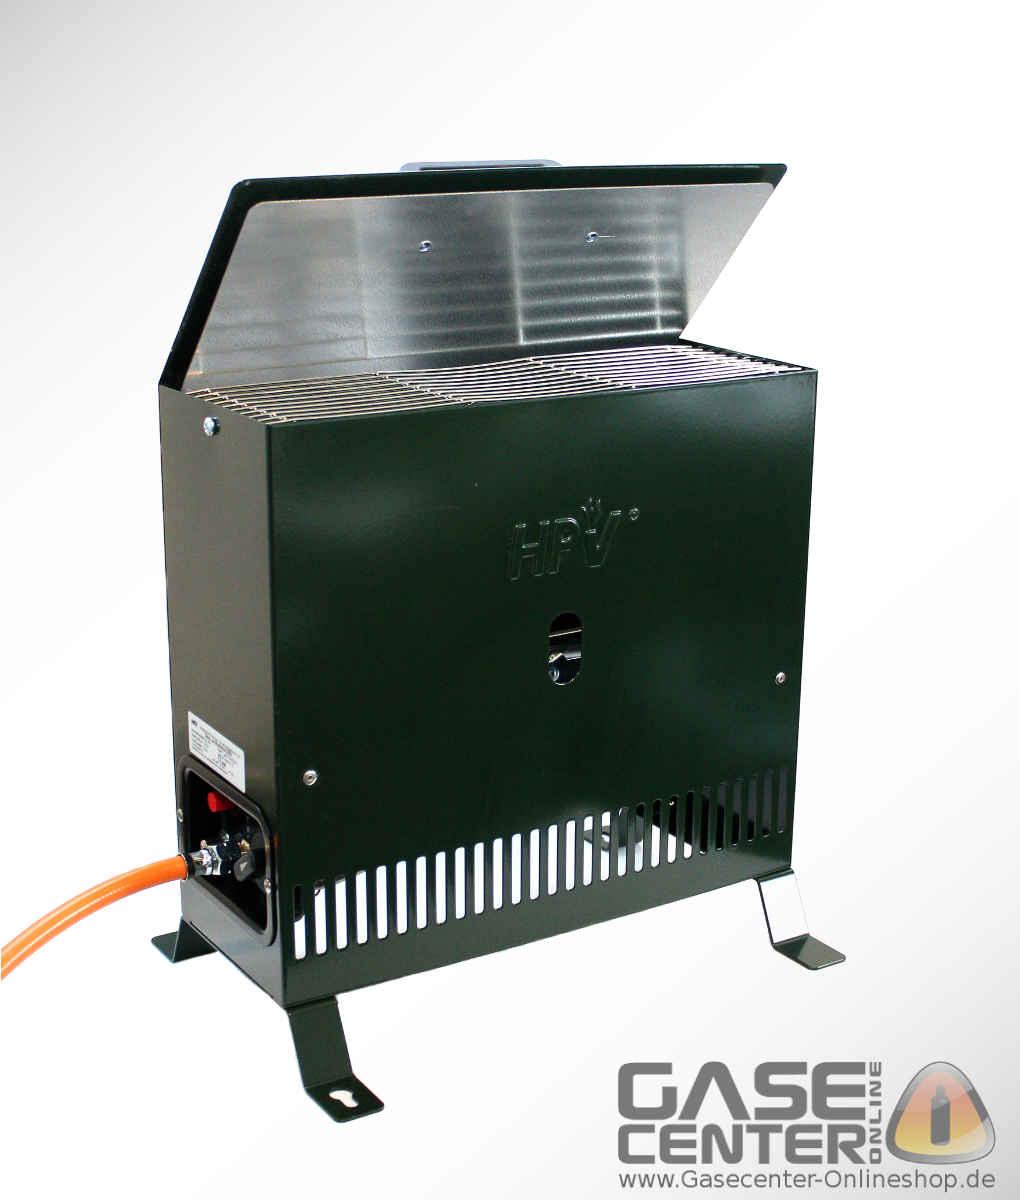 Gewachshaus Heizung 4kw Stand Wandheizung Gasheizung Thermostat